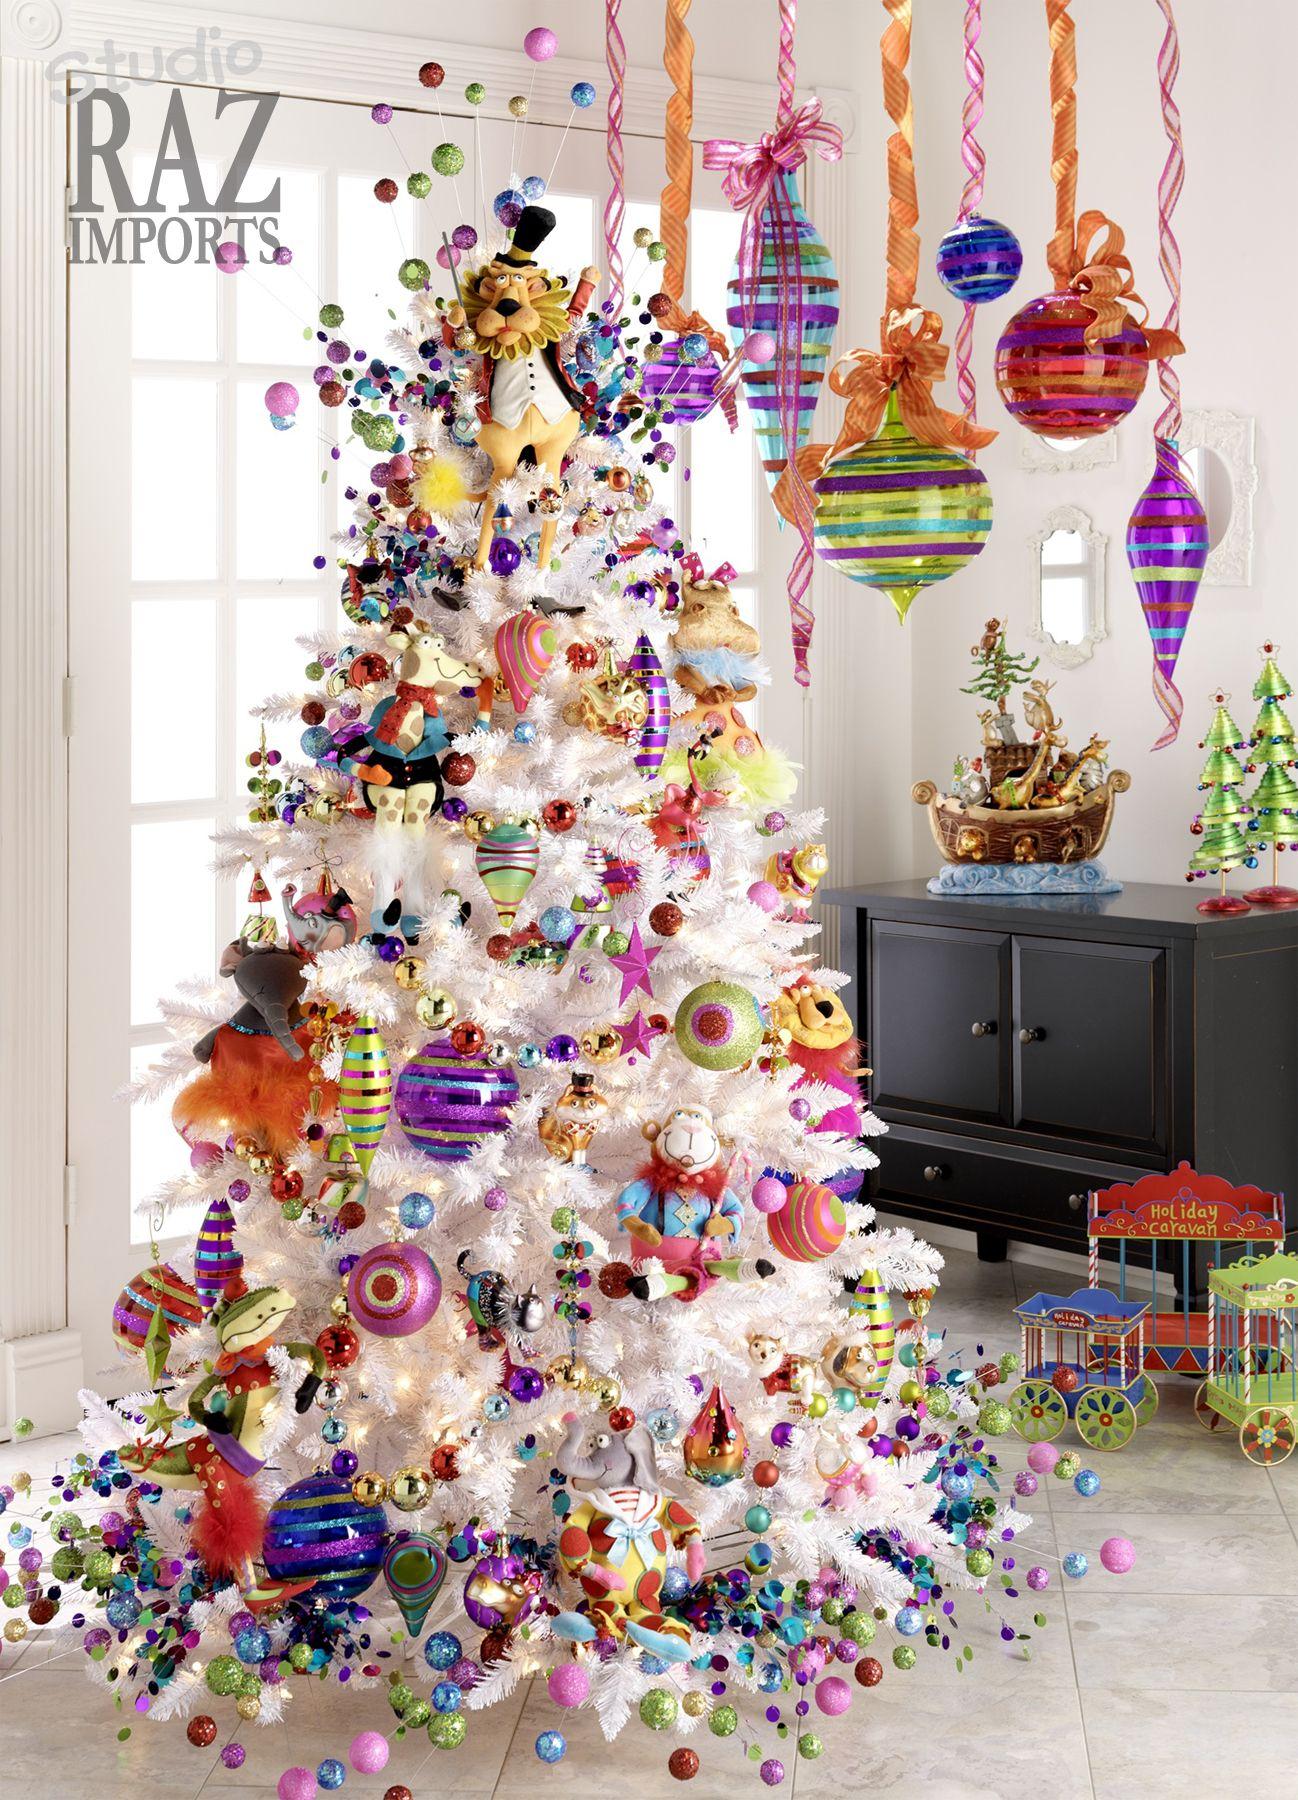 Rbol de navidad 60 ideas preciosas para decorar pinos for Ideas para decorar arbol de navidad 2016